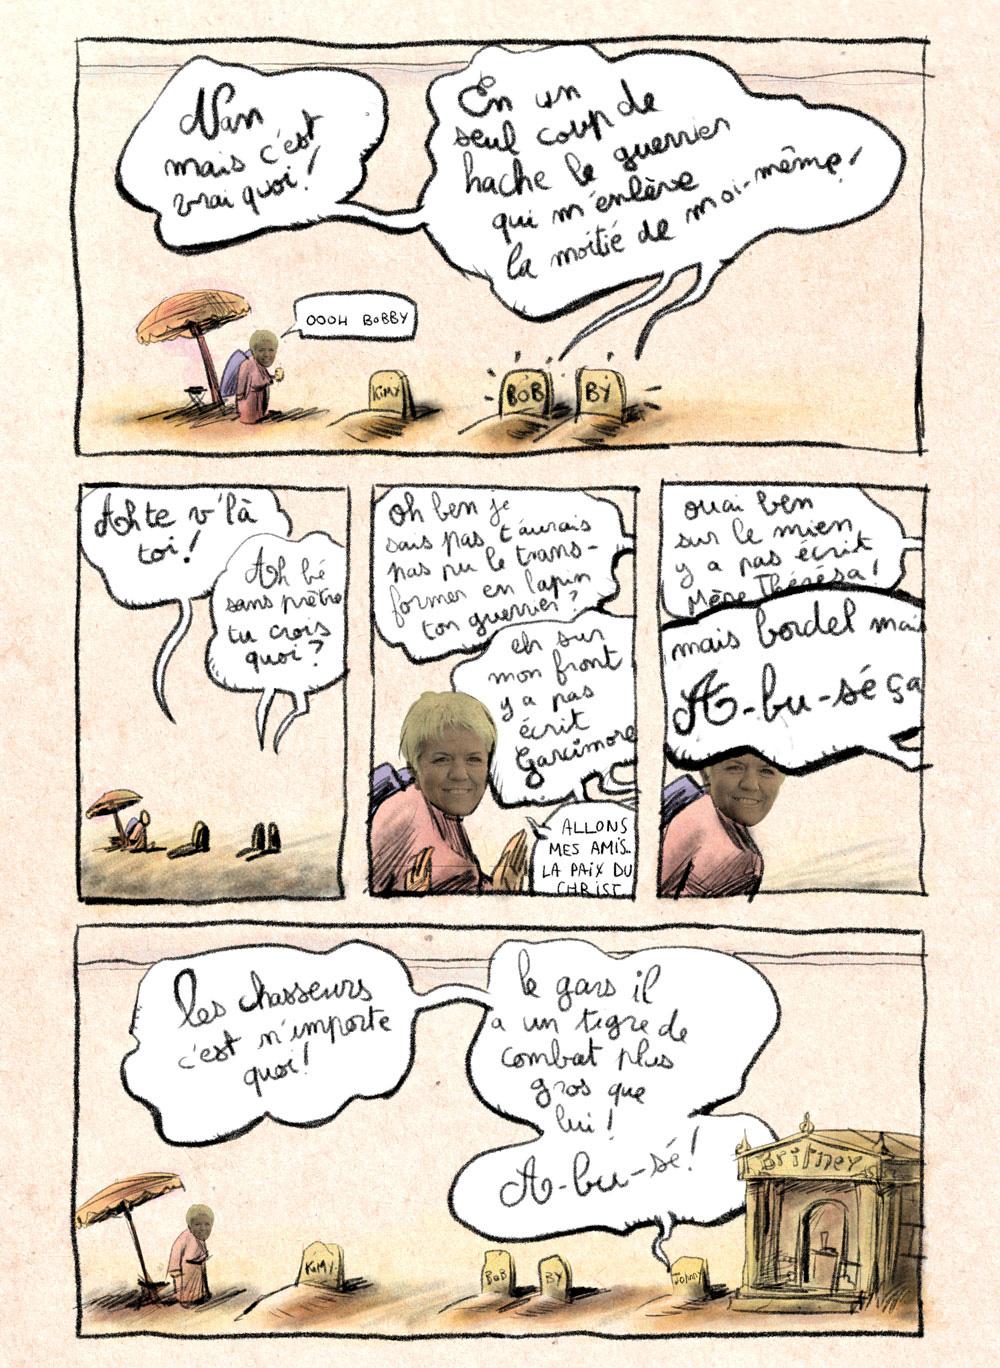 Aventures de Stevostin, tome 1 : La Porte Sombre. Planche 50.